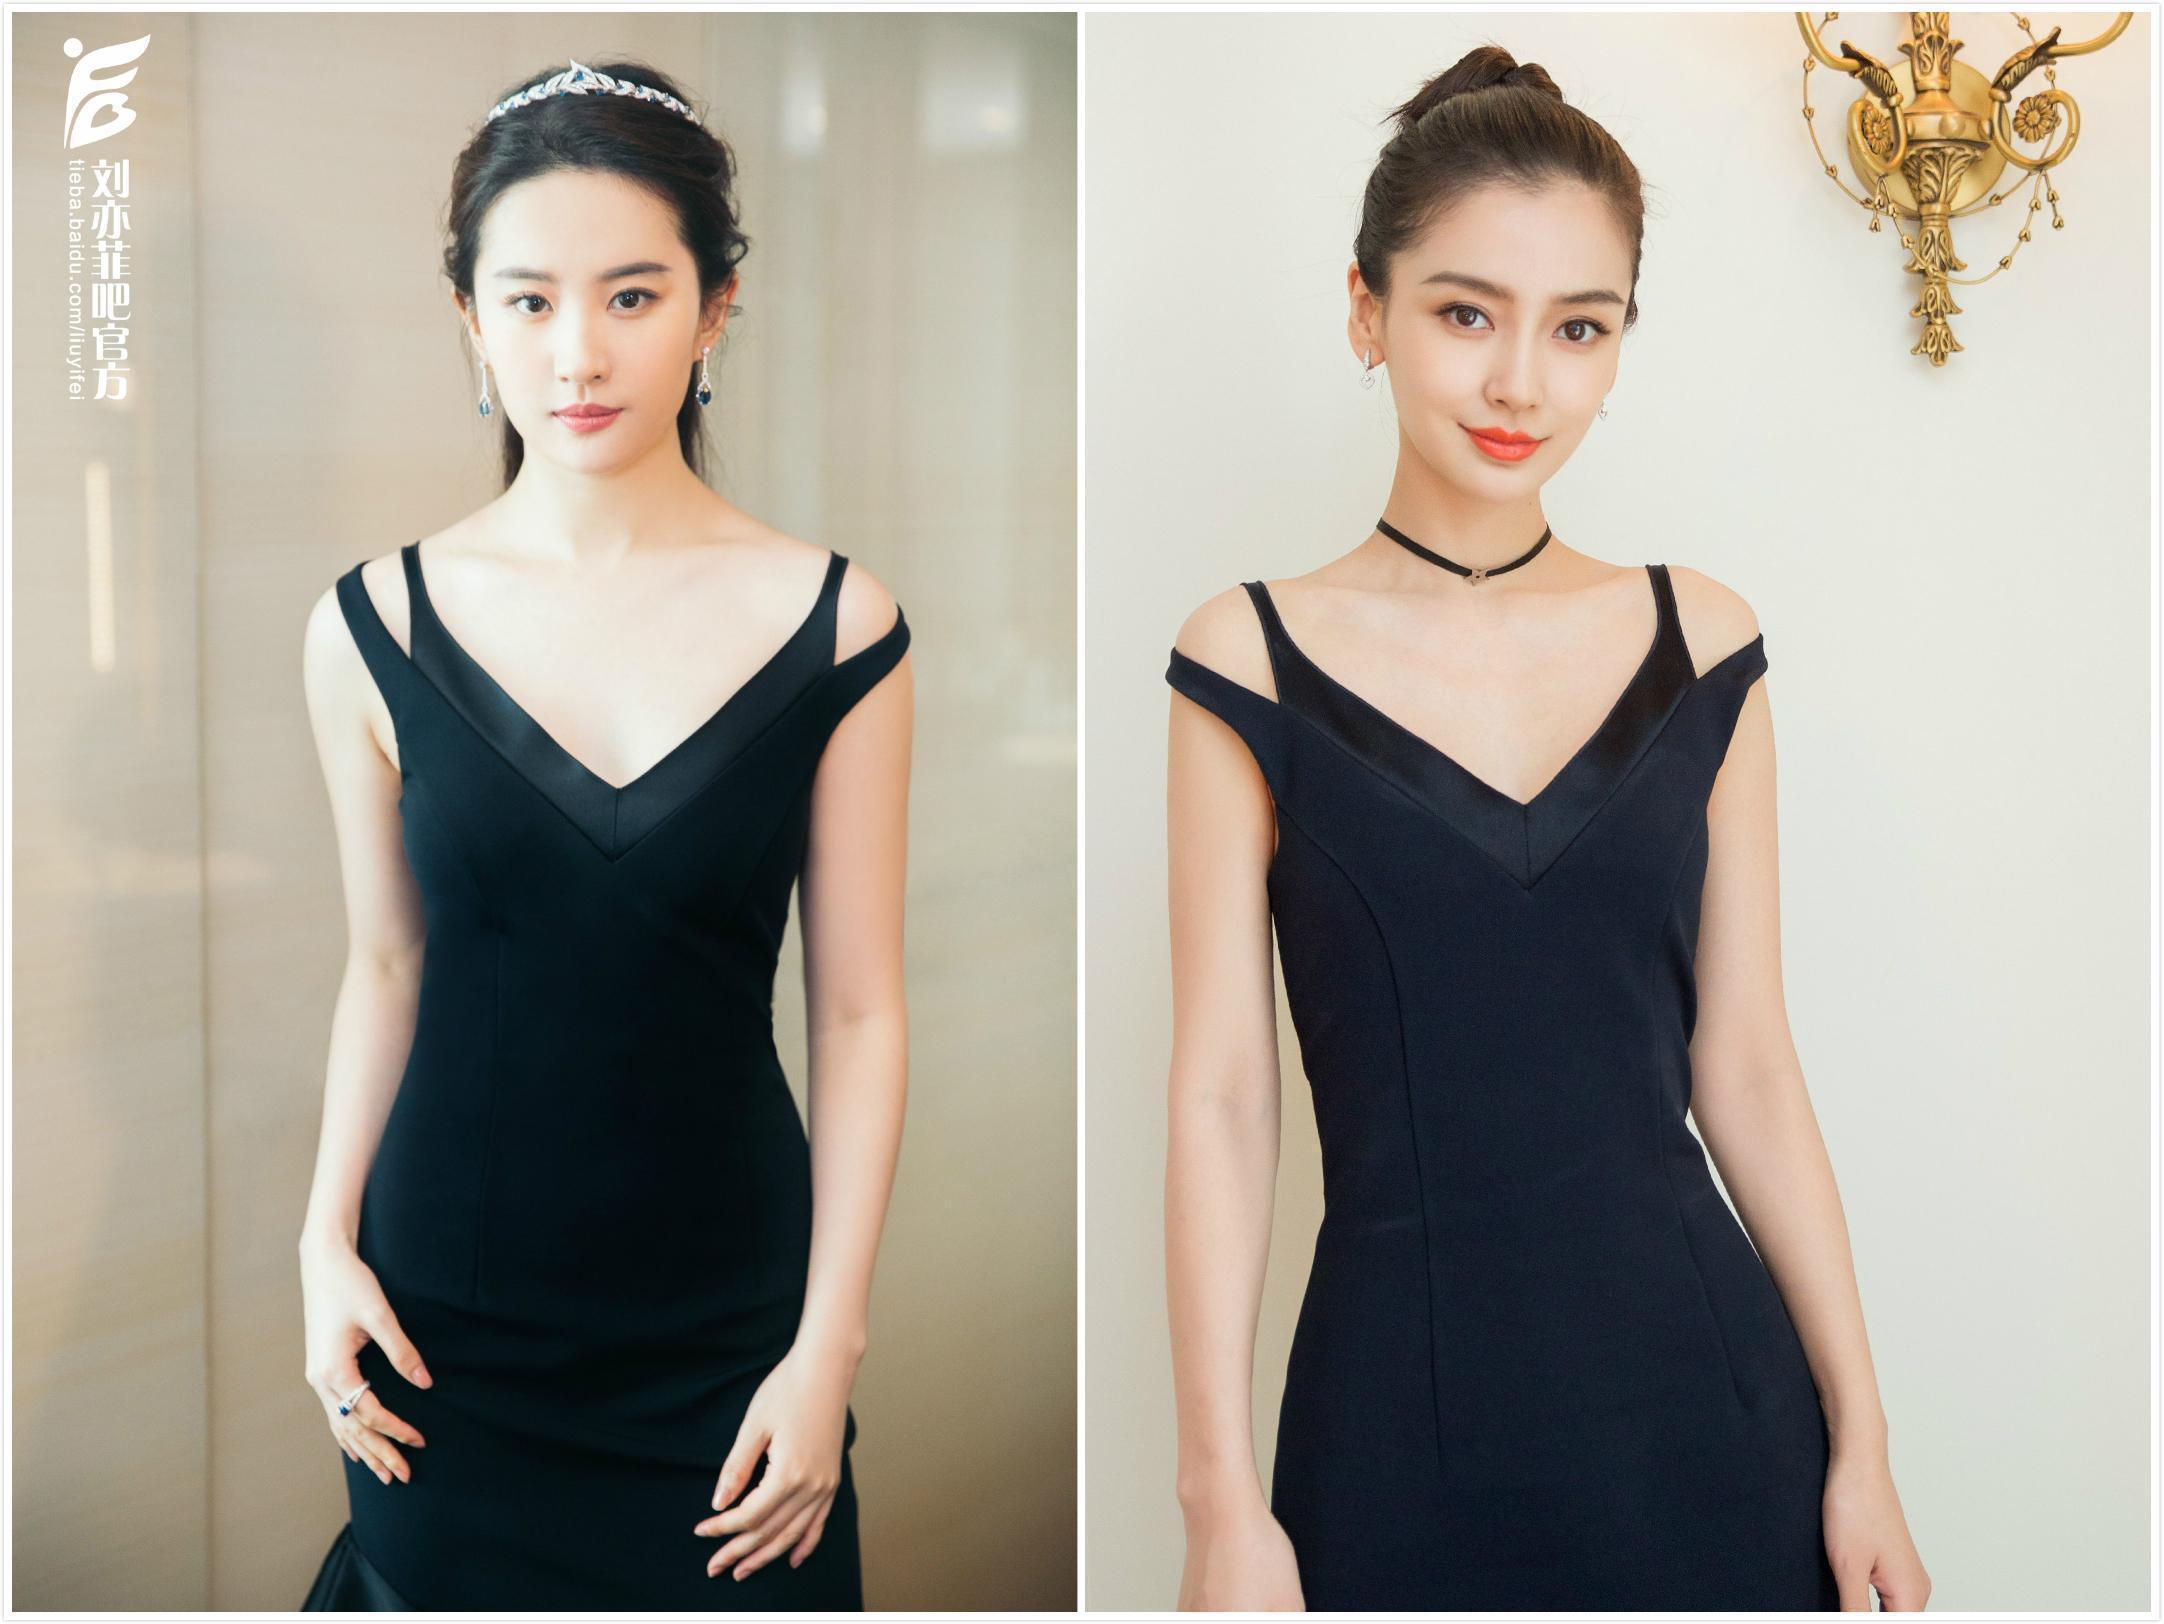 刘亦菲、baby撞衫5条Dior裙子!baby赢在骨架,刘亦菲只能靠肤色了-第5张图片